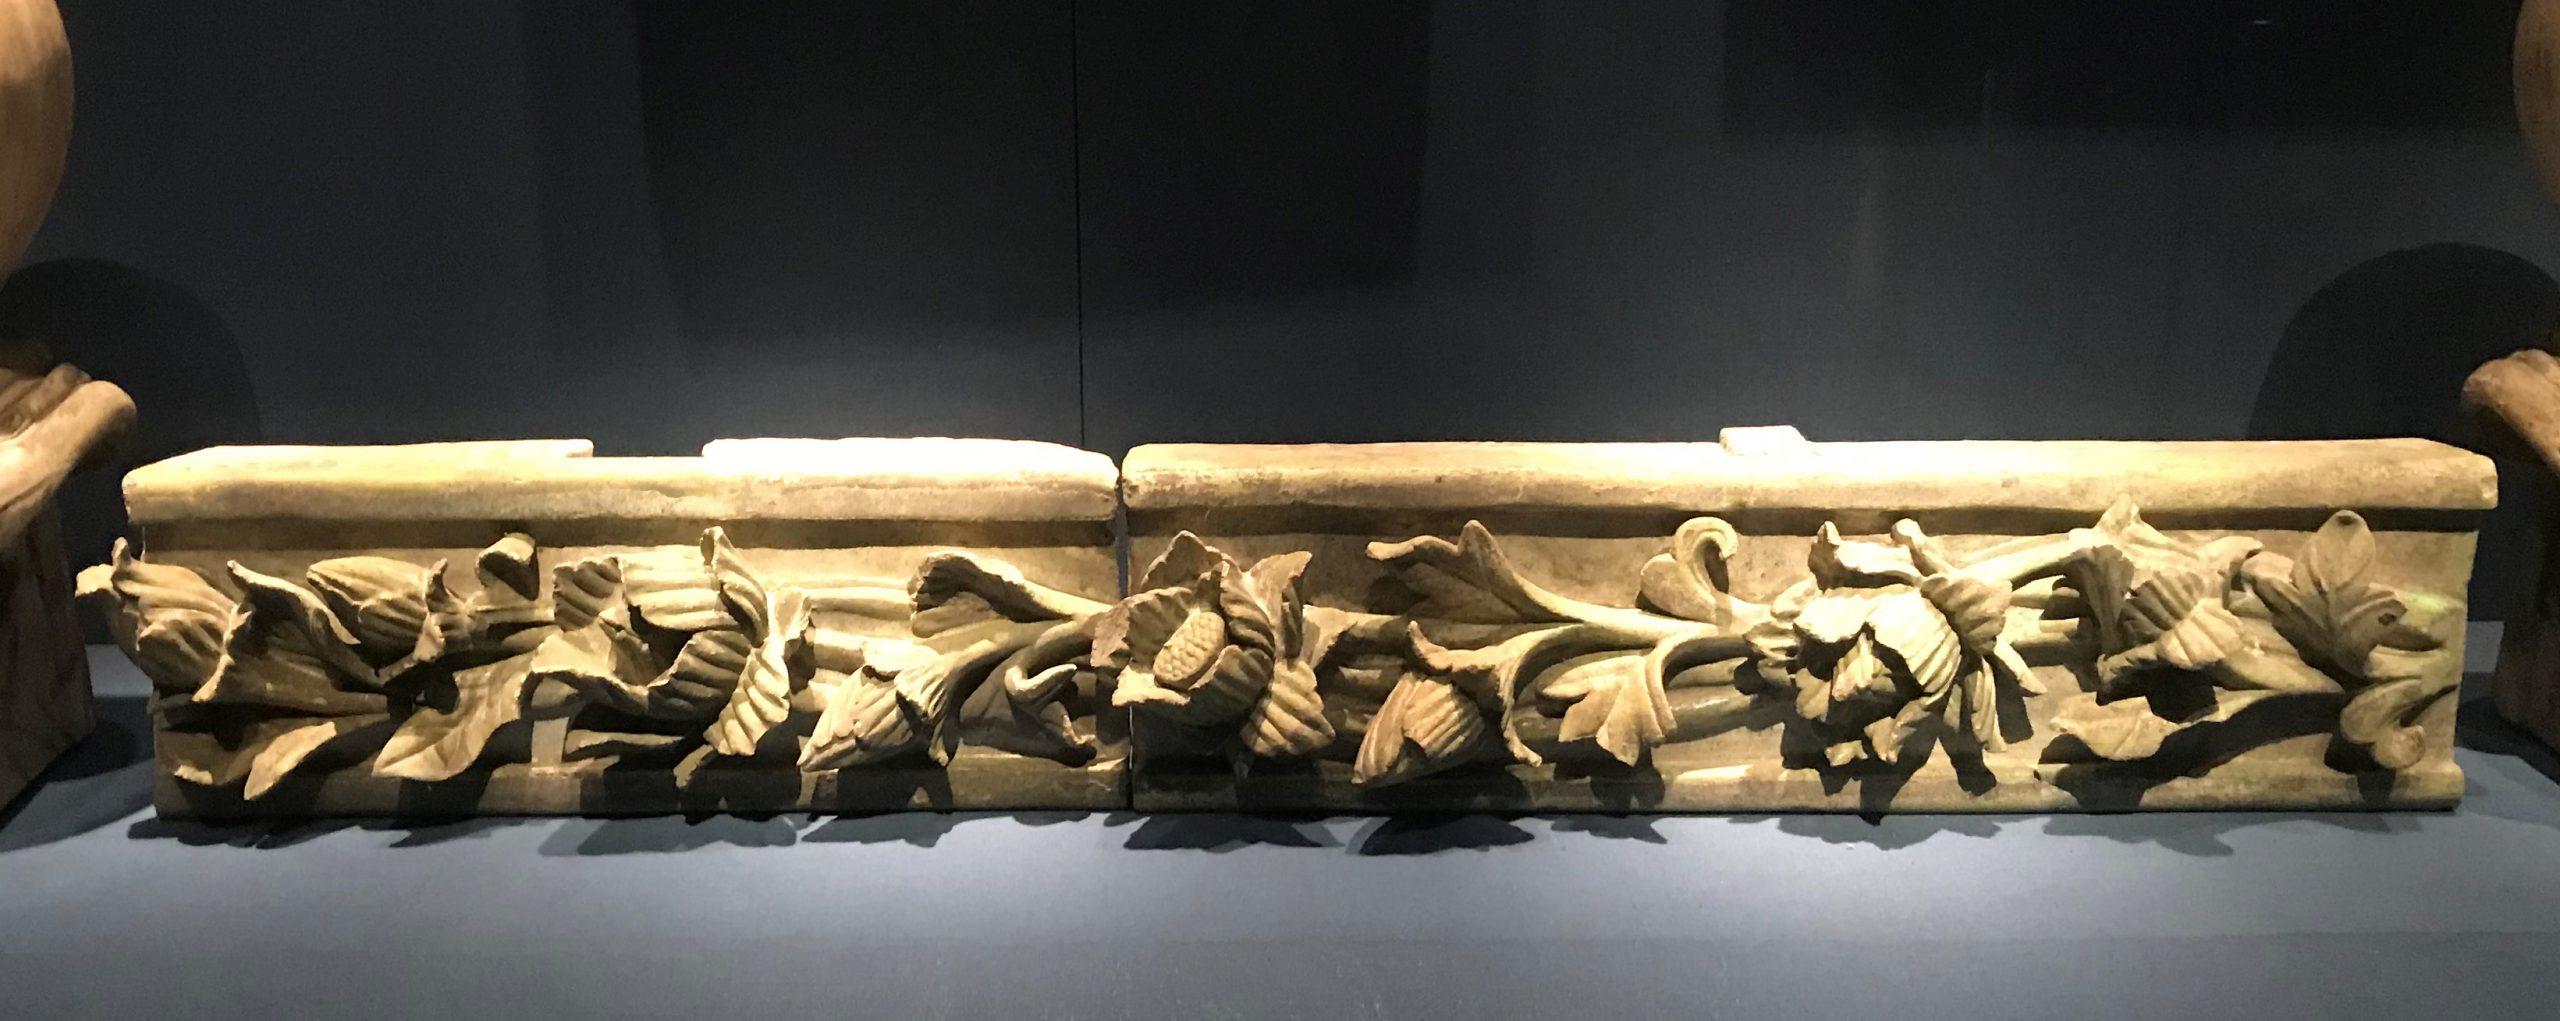 琉璃正脊-四川省展覧館出土-明清時代-常設展F3-成都博物館